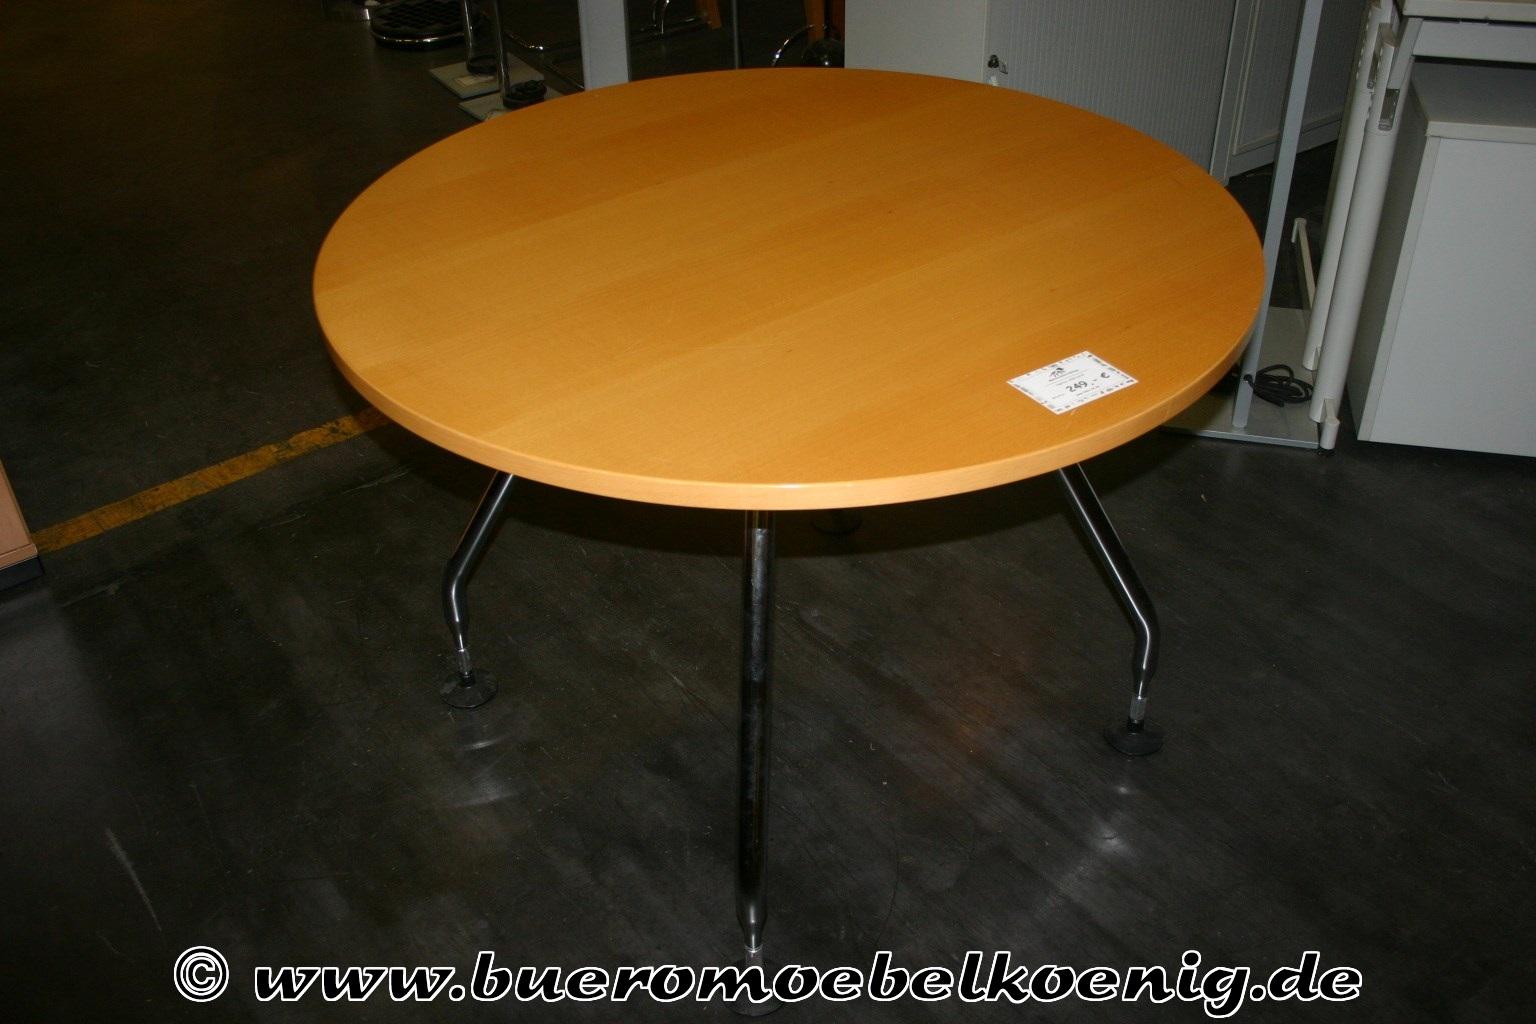 Runder tisch von vitra modell ad hoc mit platte in buche for Runder tisch mit marmorplatte